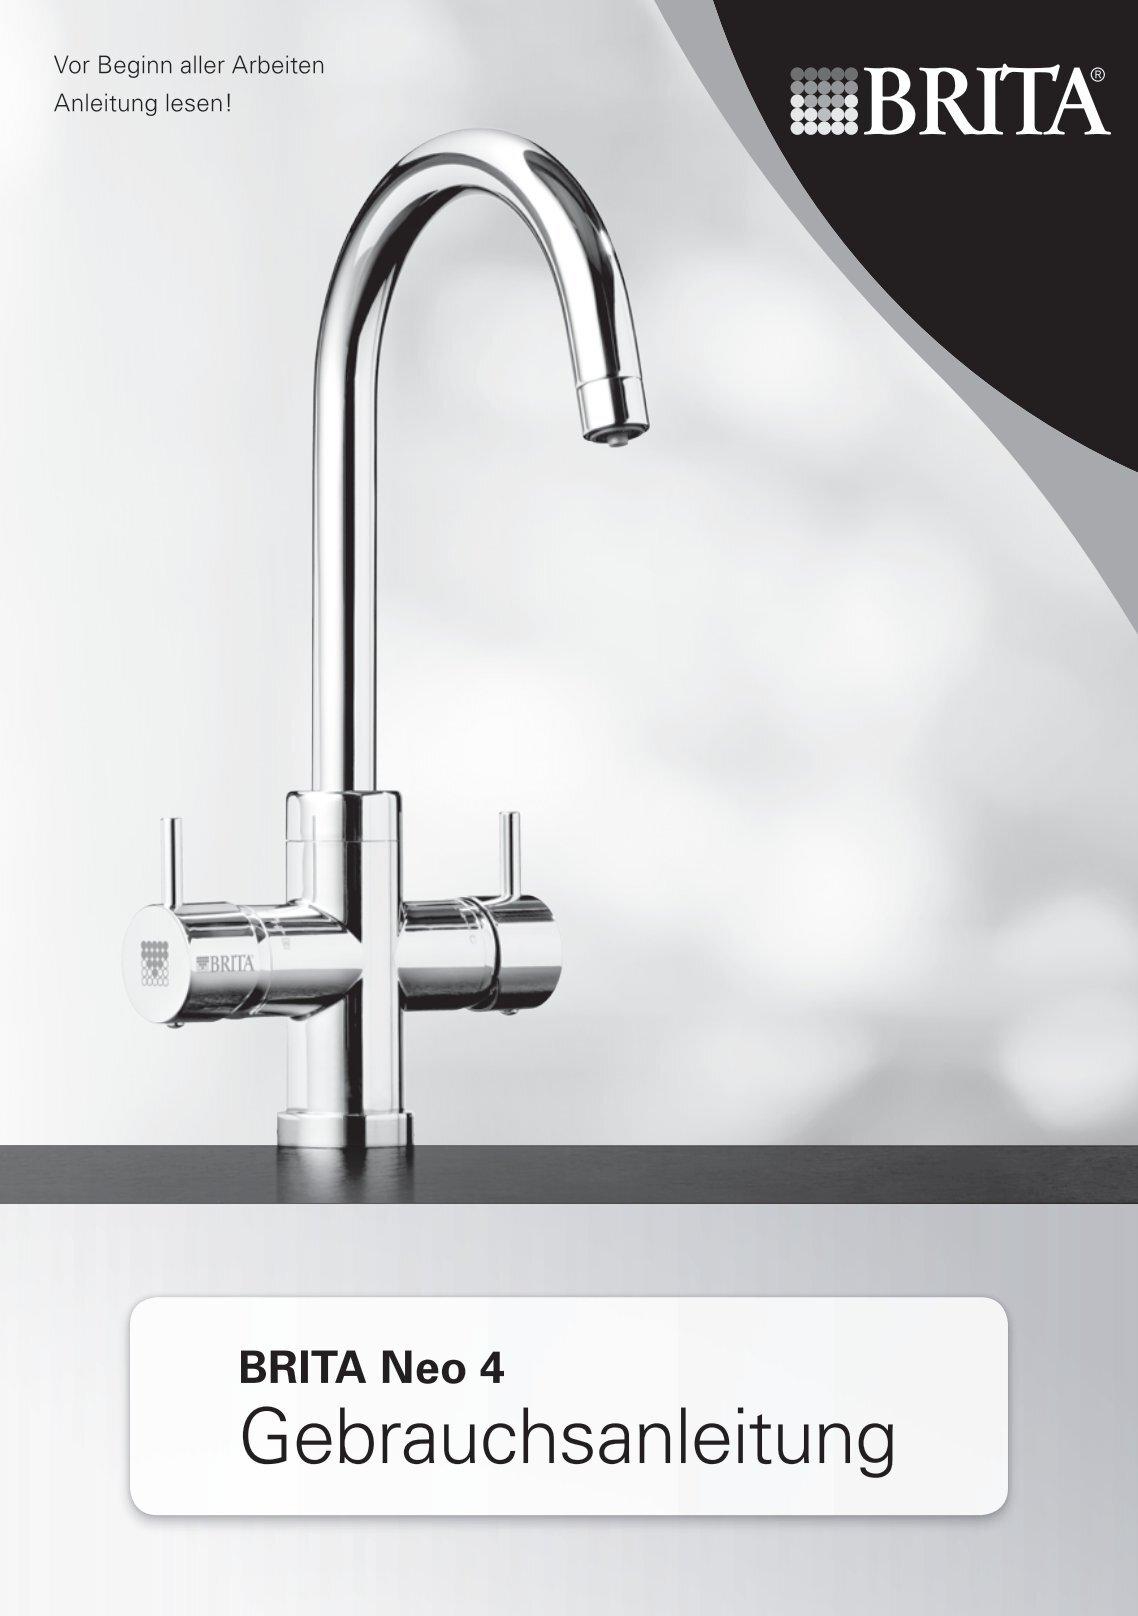 Brita Neo 4 10 free magazines from brita de